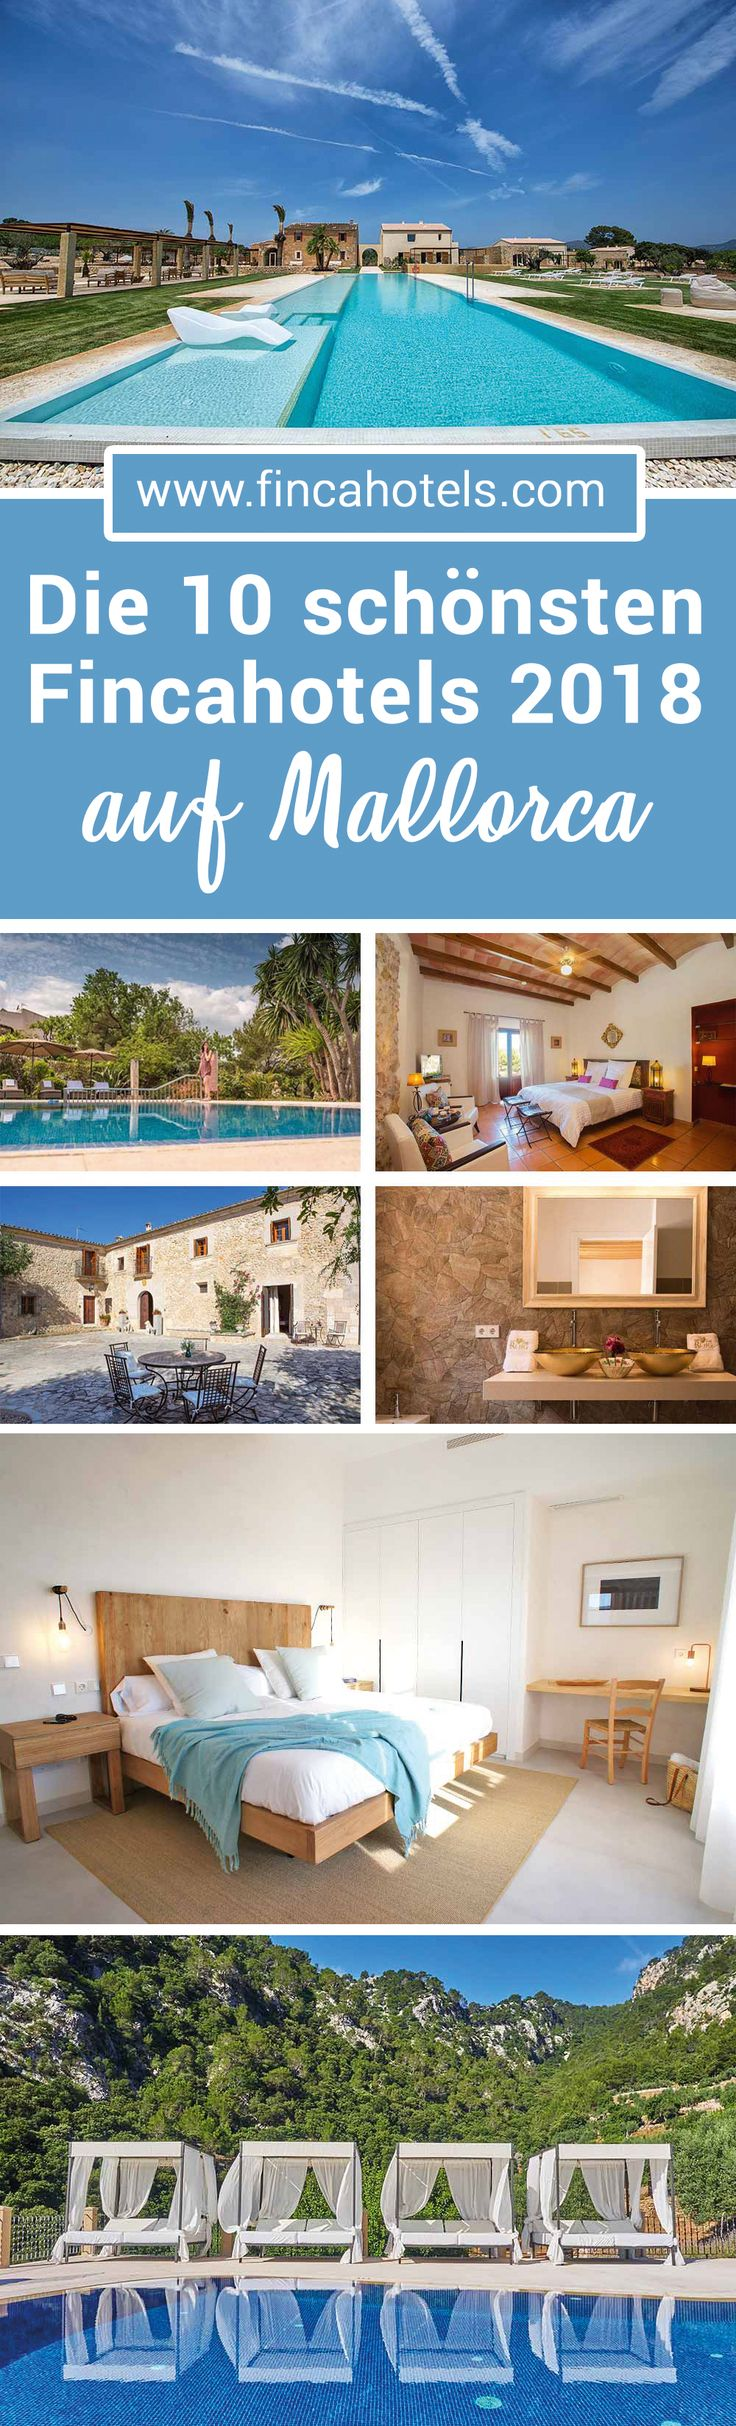 TOP 10 – die schönsten Finca- und Landhotels auf Mallorca für deinen Urlaub in 2018. Mallorcaurlaub abseits der Massen. Wir haben euch die schönsten kleinen Hotels auf der beliebten Insel Mallorca zusammen gestellt. Lest mehr! #landhotel #fincahotel #hotel #top10 #urlaub #mallorca #reise #hotel – Anina Schneider